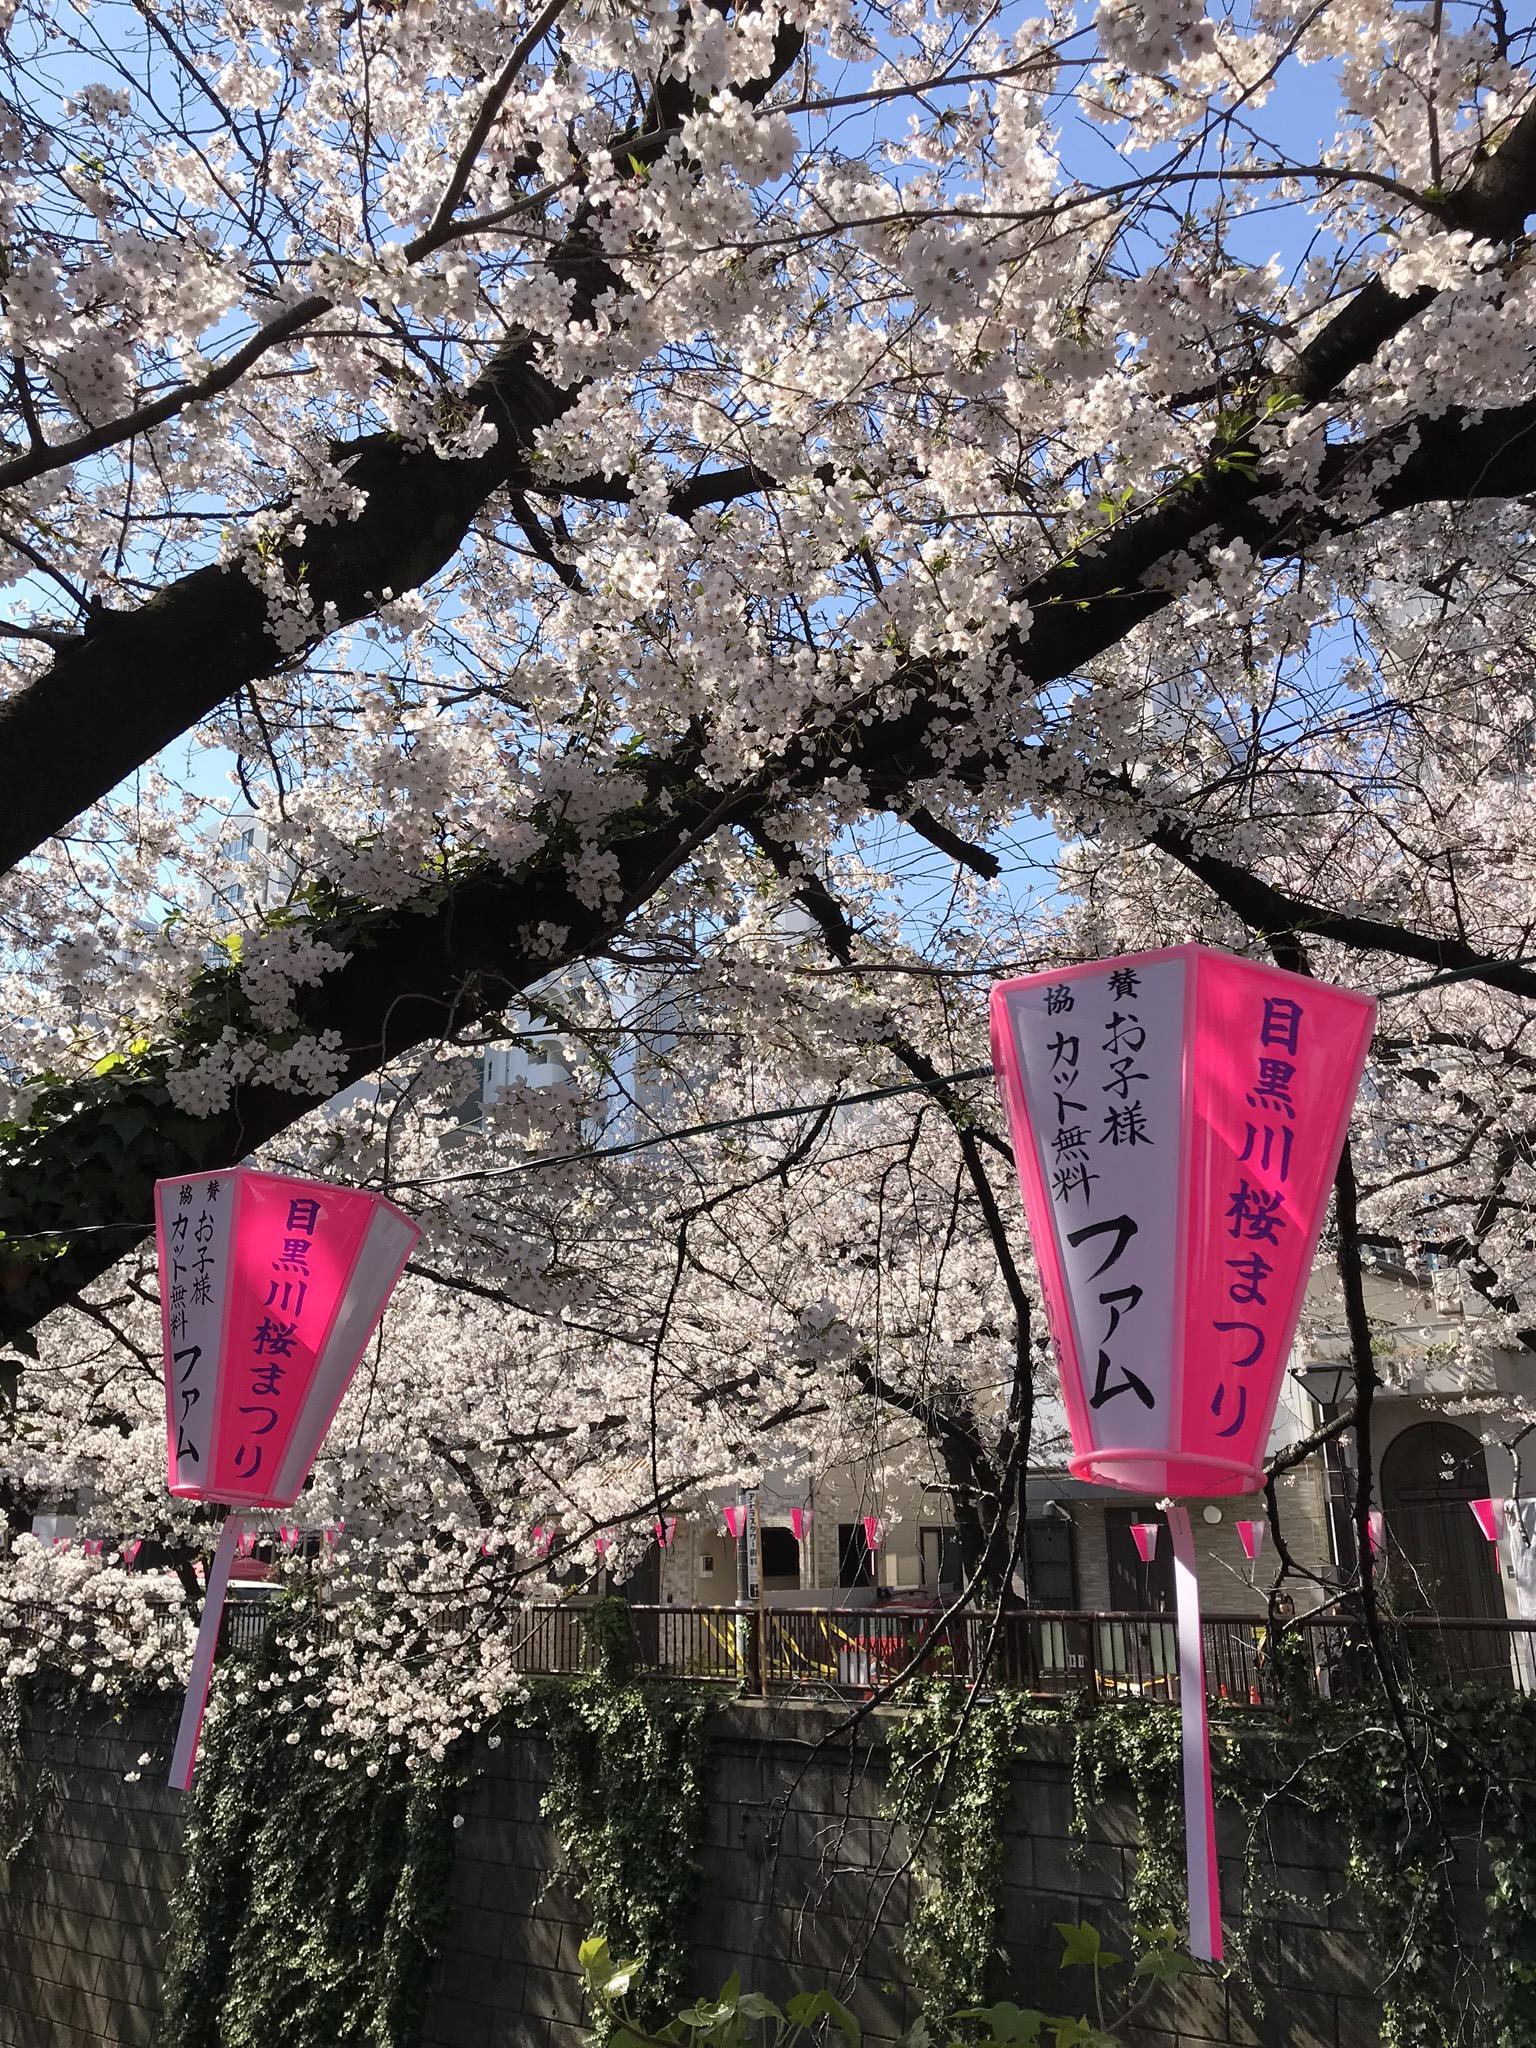 目黒川の桜まつり、famのぼんぼり